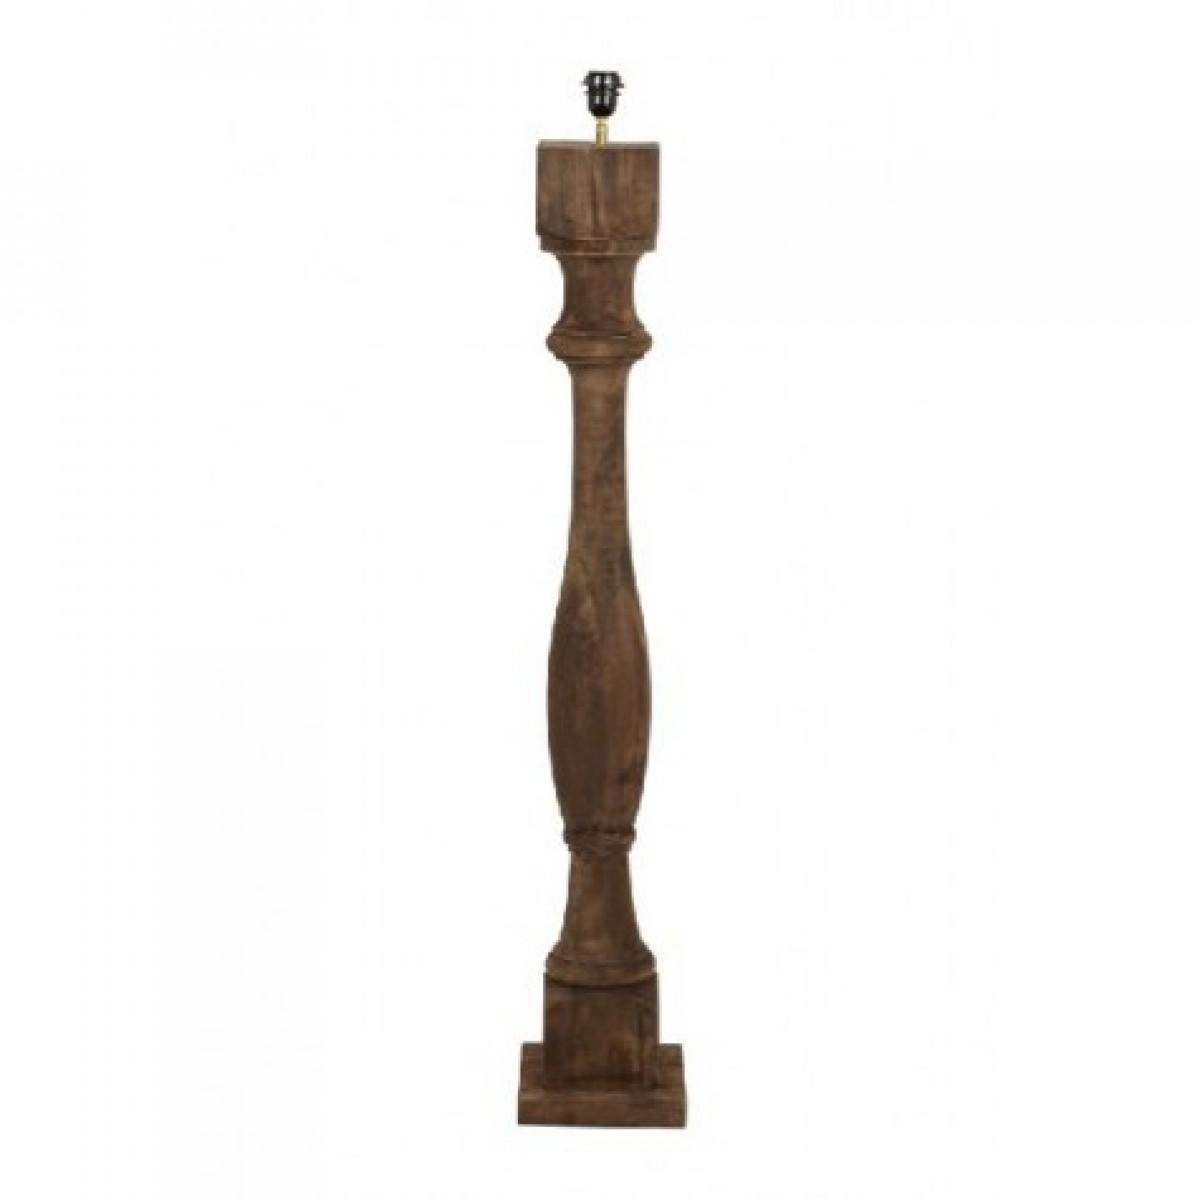 lampenfu braun f r eine stehlampe lampenfu stehleuchte braun aus holz h he 125 cm. Black Bedroom Furniture Sets. Home Design Ideas